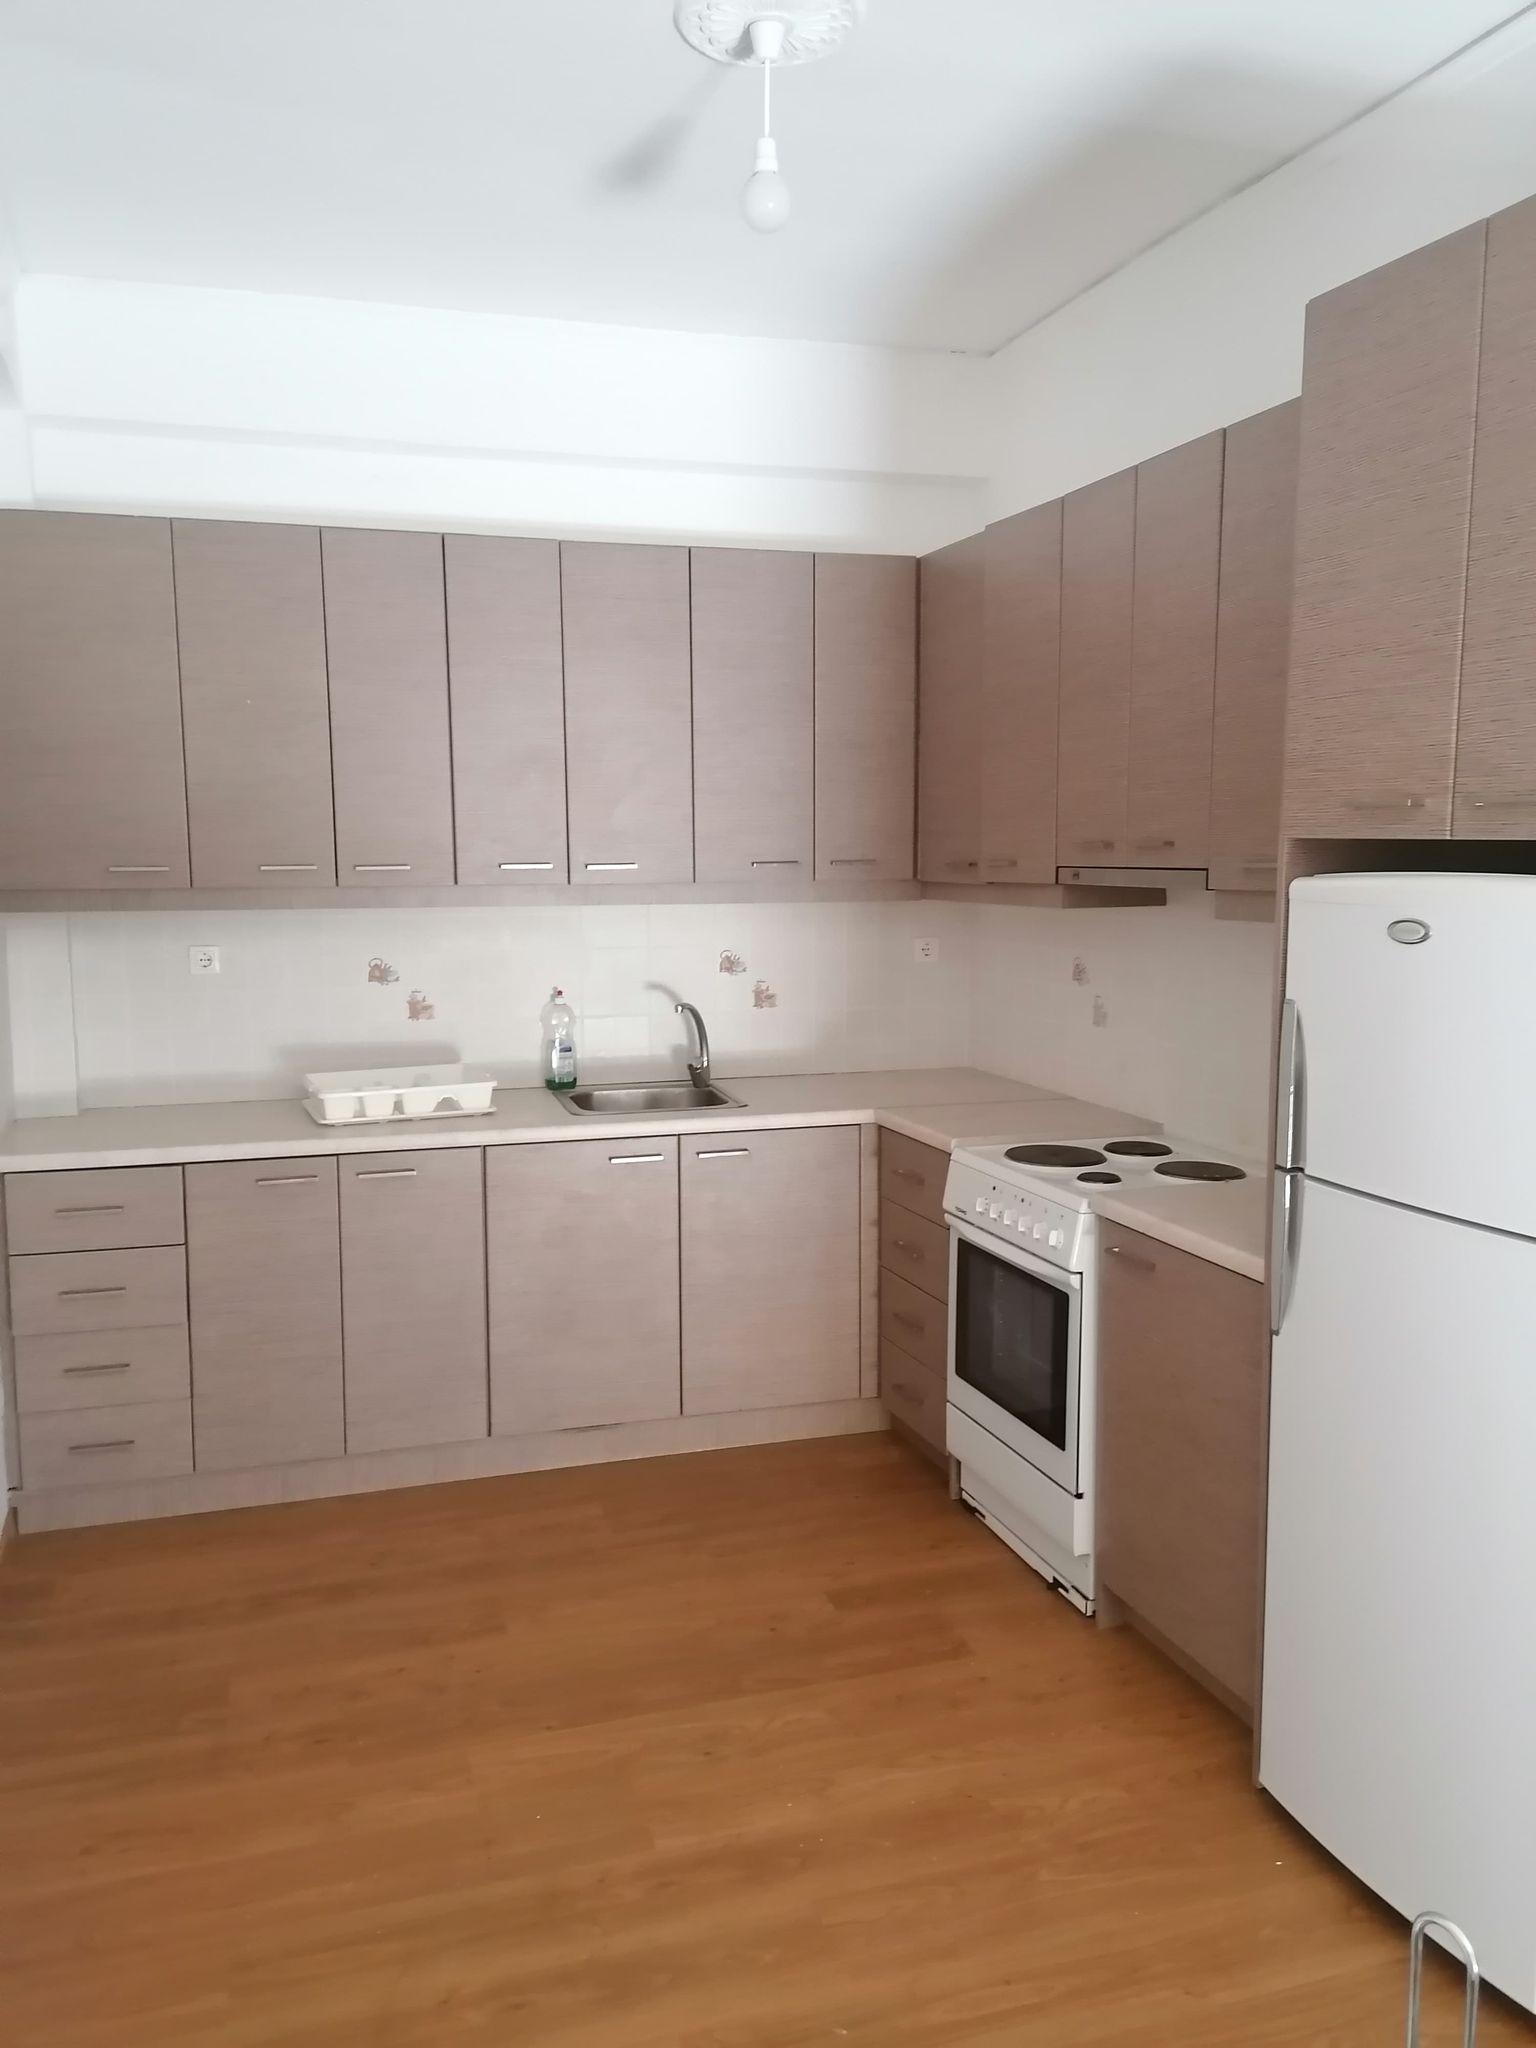 Ενοικιάζεται διαμέρισμα τριάρι 80τμ επιπλωμένο στο κέντρο του Μεσολογγίου